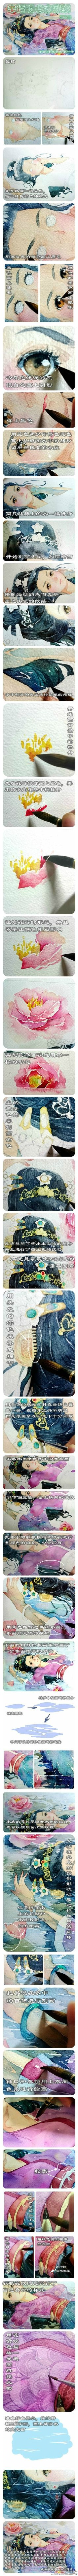 Sai大師:#繪畫學習# 《半透明的水彩紙》1~9大集... - 微博精選 - 微博台灣站